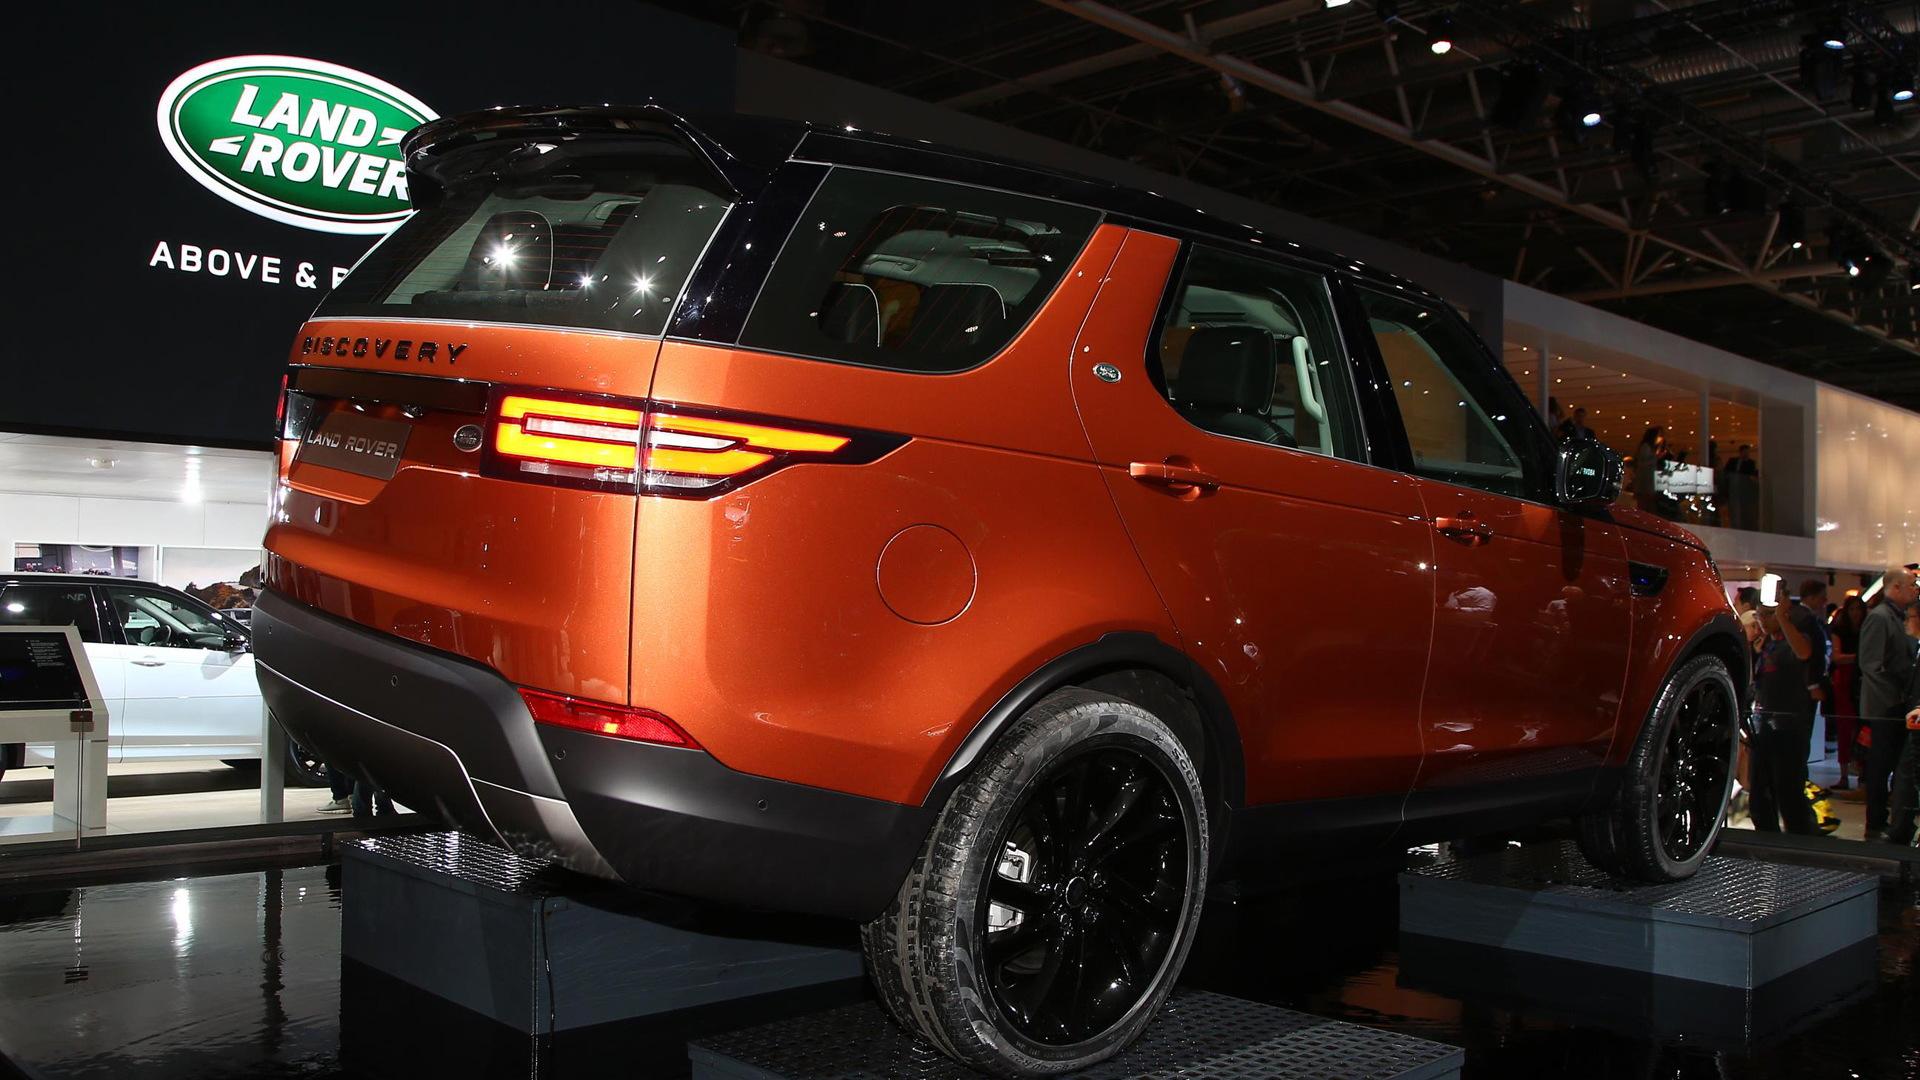 2017 Land Rover Discovery, 2016 Paris auto show